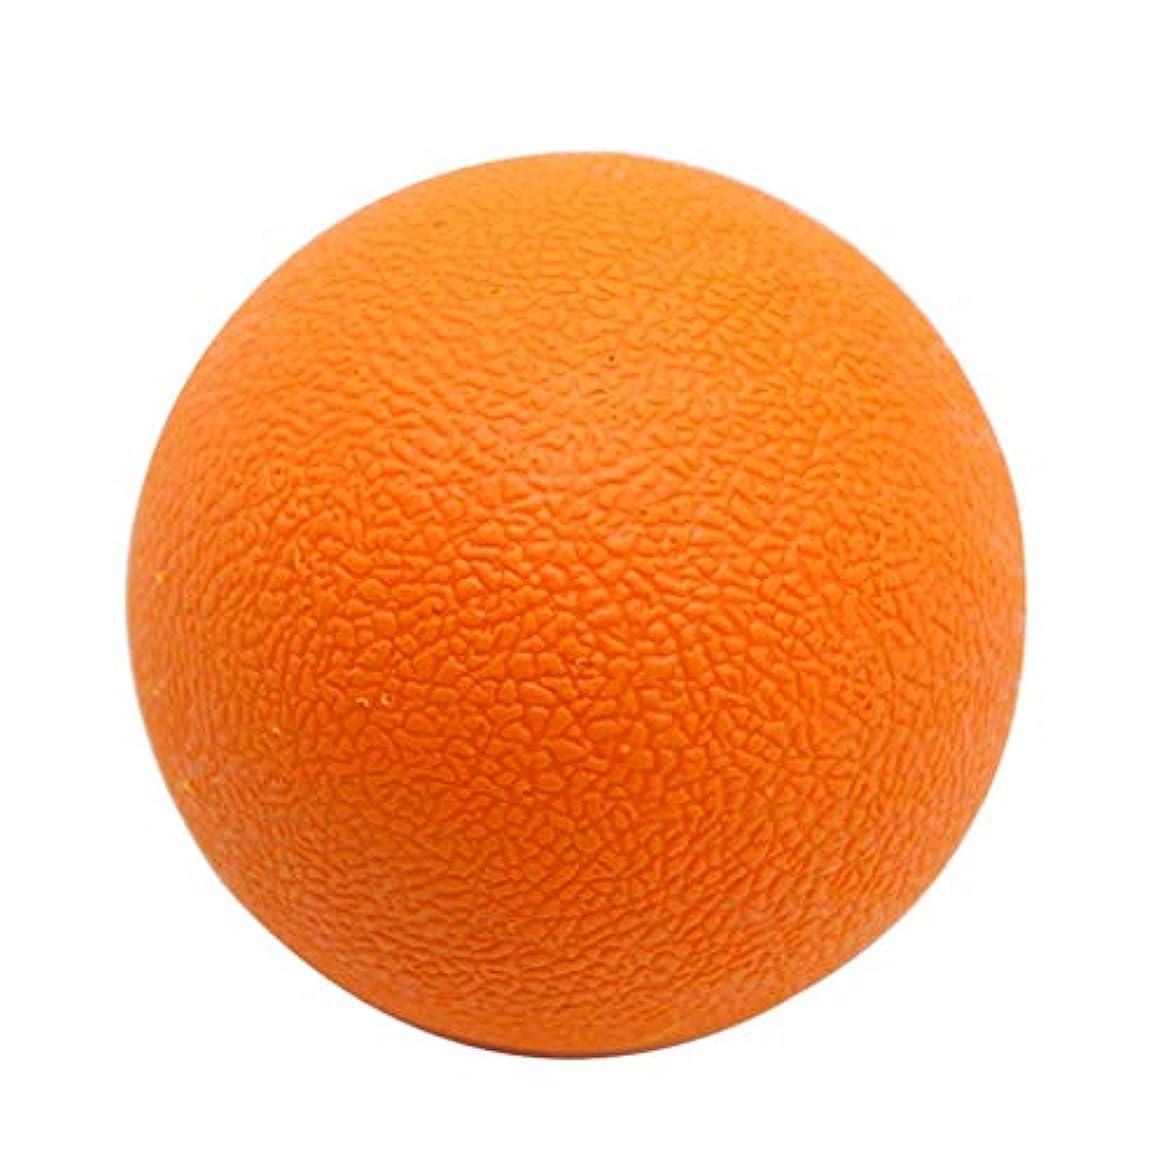 物語直感ラダFLAMEER マッサージボール TPE トリガーポイント 筋膜リリース ツボ押しグッズ 足、腕、首、背中 オレンジ